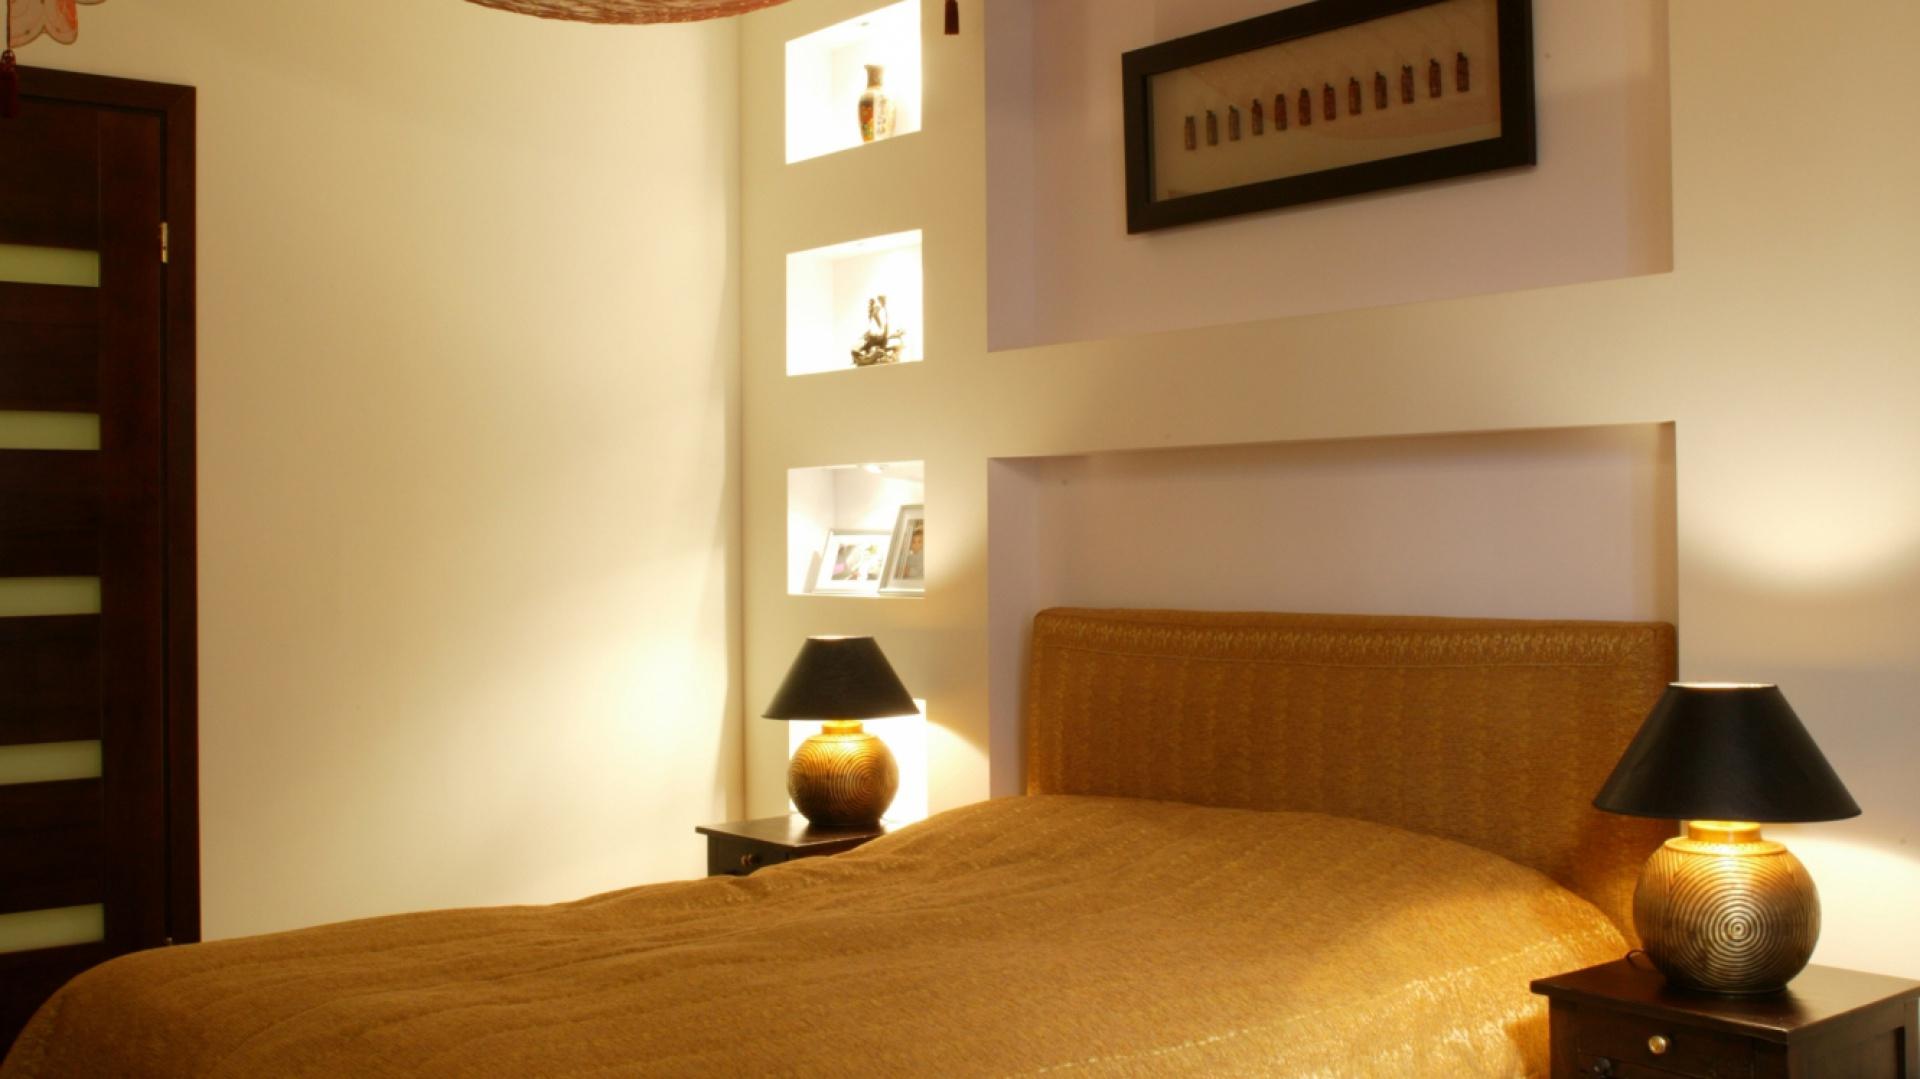 Poszczególne detale – złocone podstawy nocnych lampek, tkanina obiciowa na łóżku, pięknie komponują się z ciemną barwą nocnych stolików oraz podłogi z drewna merbau. Fot. Monika Filipiuk.